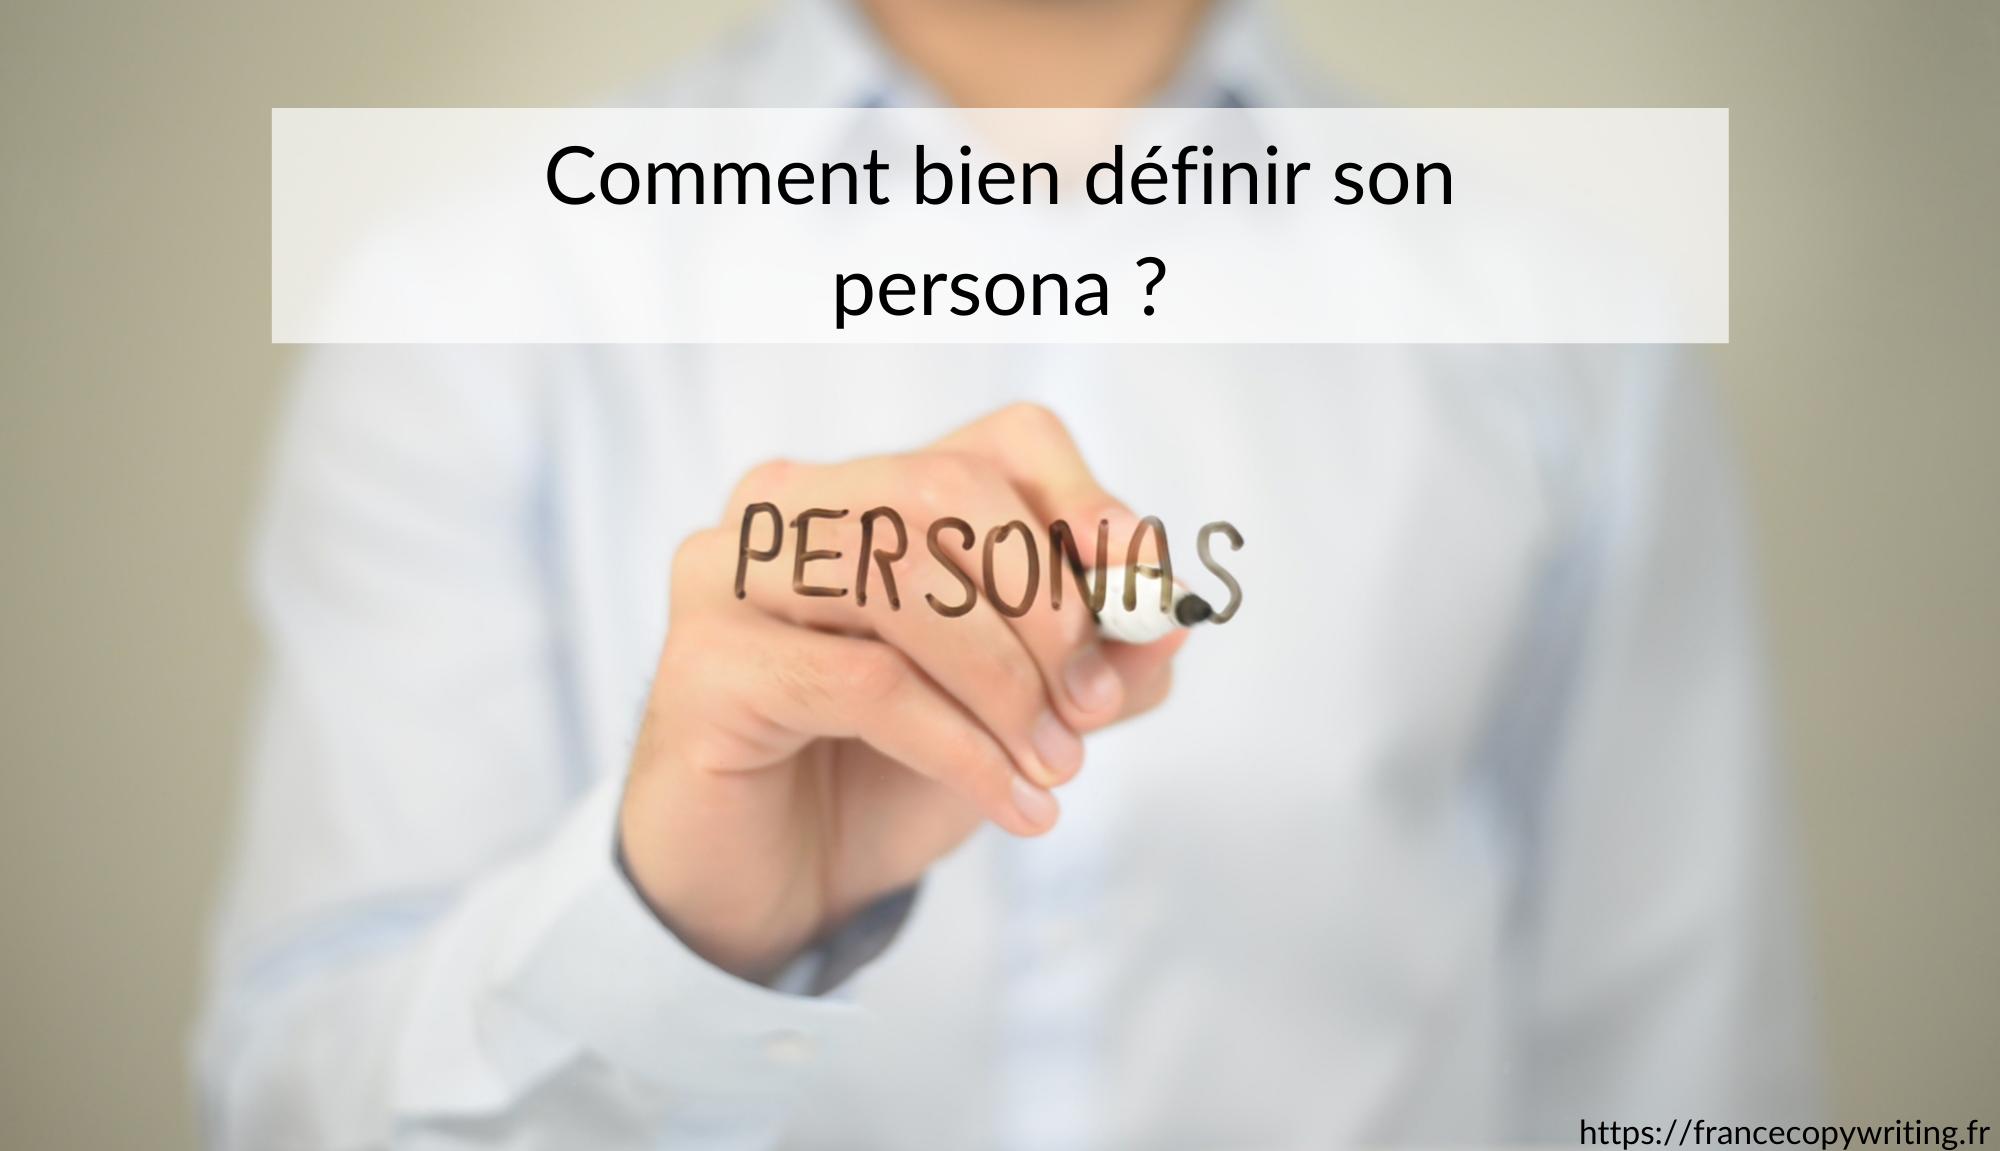 Comment bien définir son persona ?